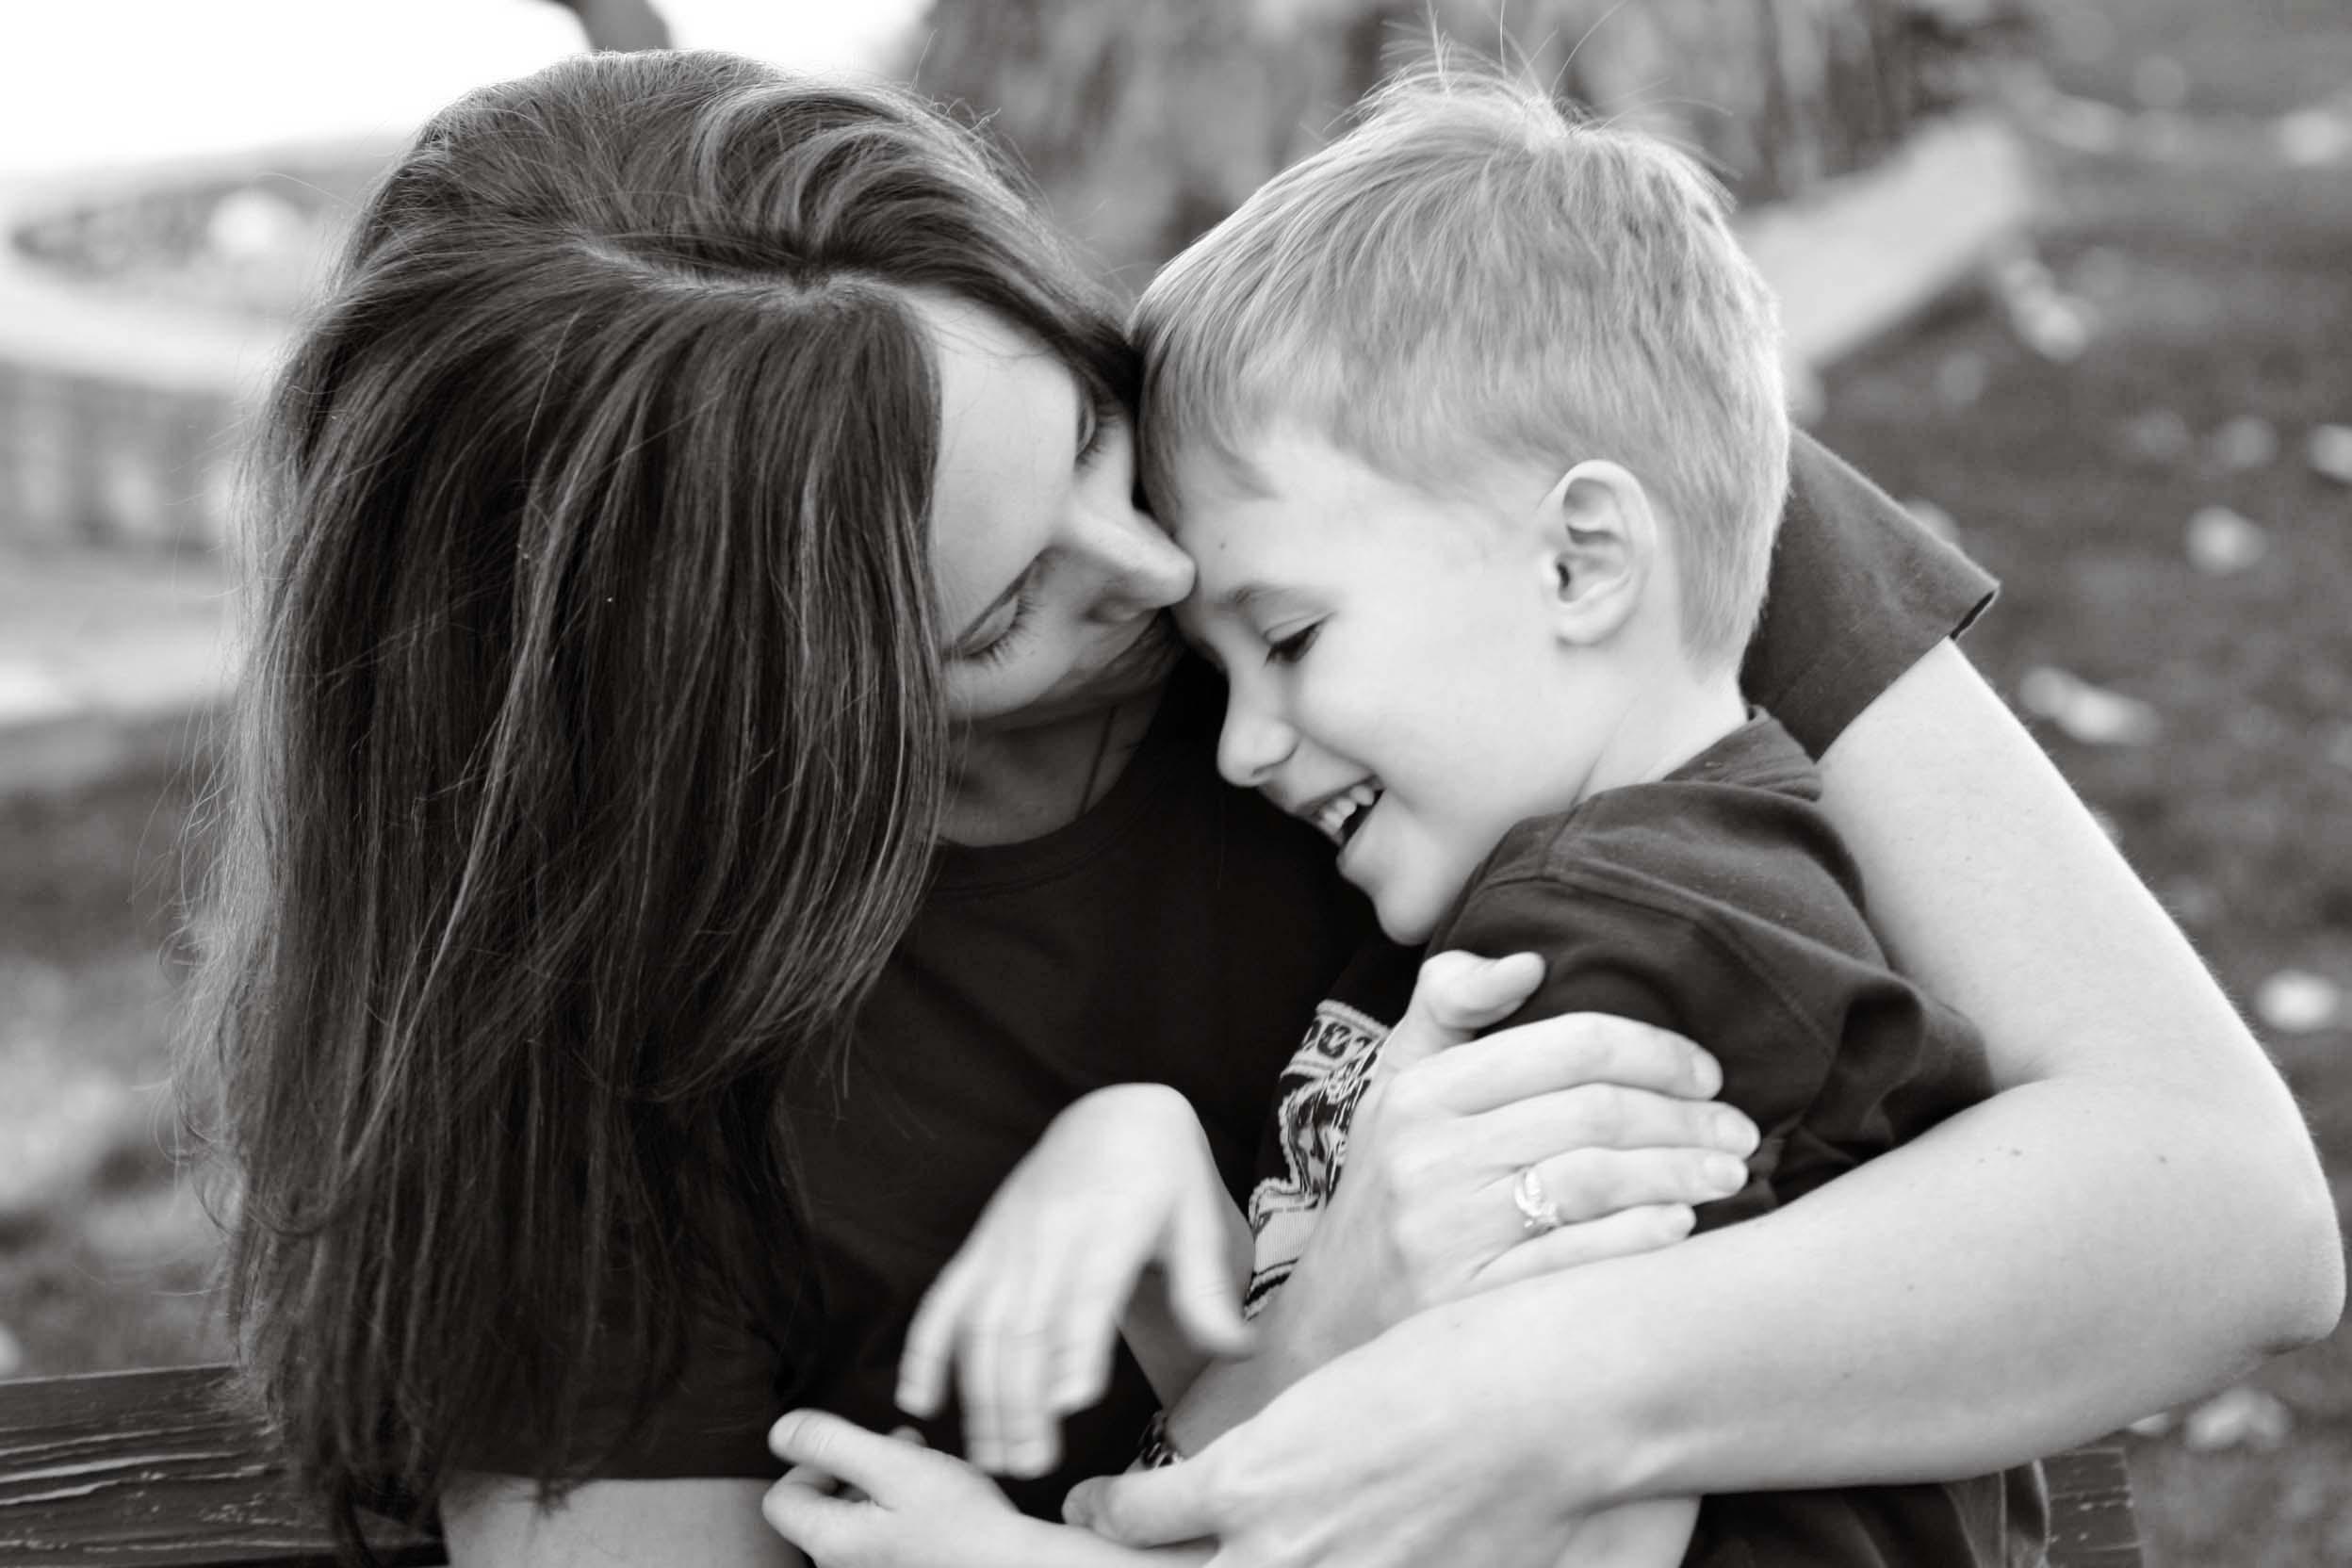 Сын и красивые мамы, Порно видео мамы и сына смотреть онлайн бесплатно 6 фотография